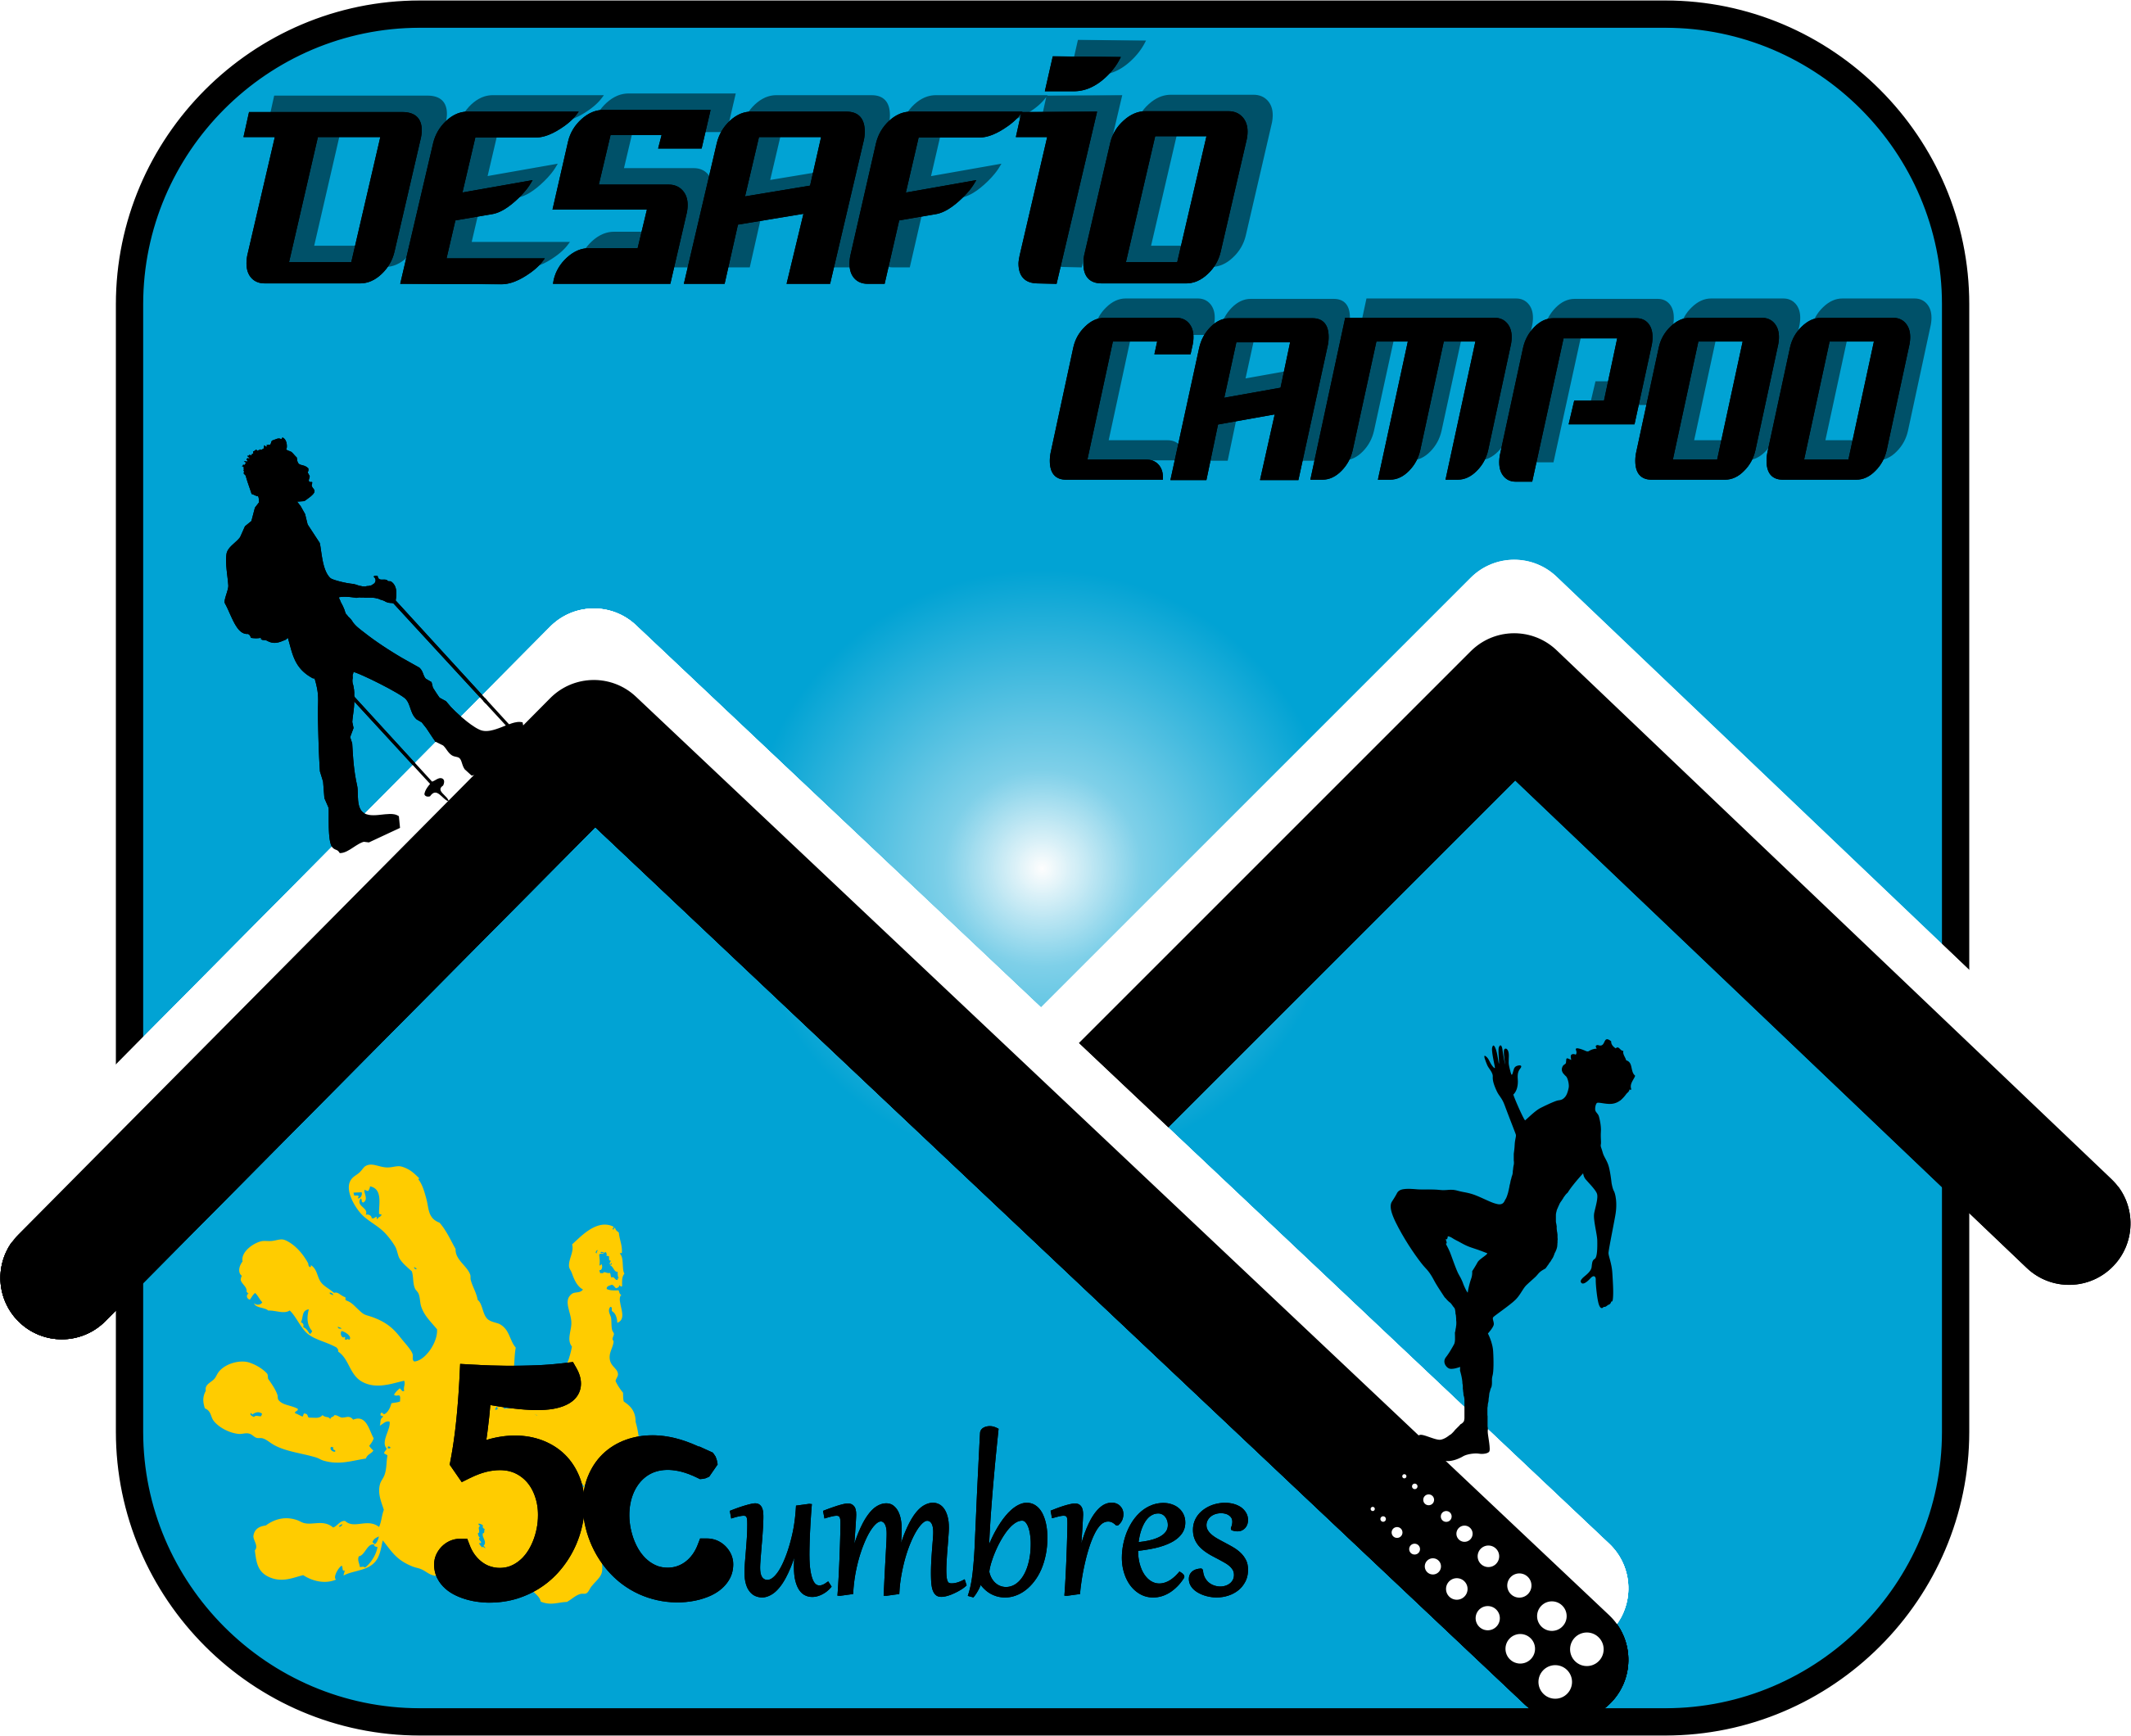 Desafio Campoo 5 Cumbres